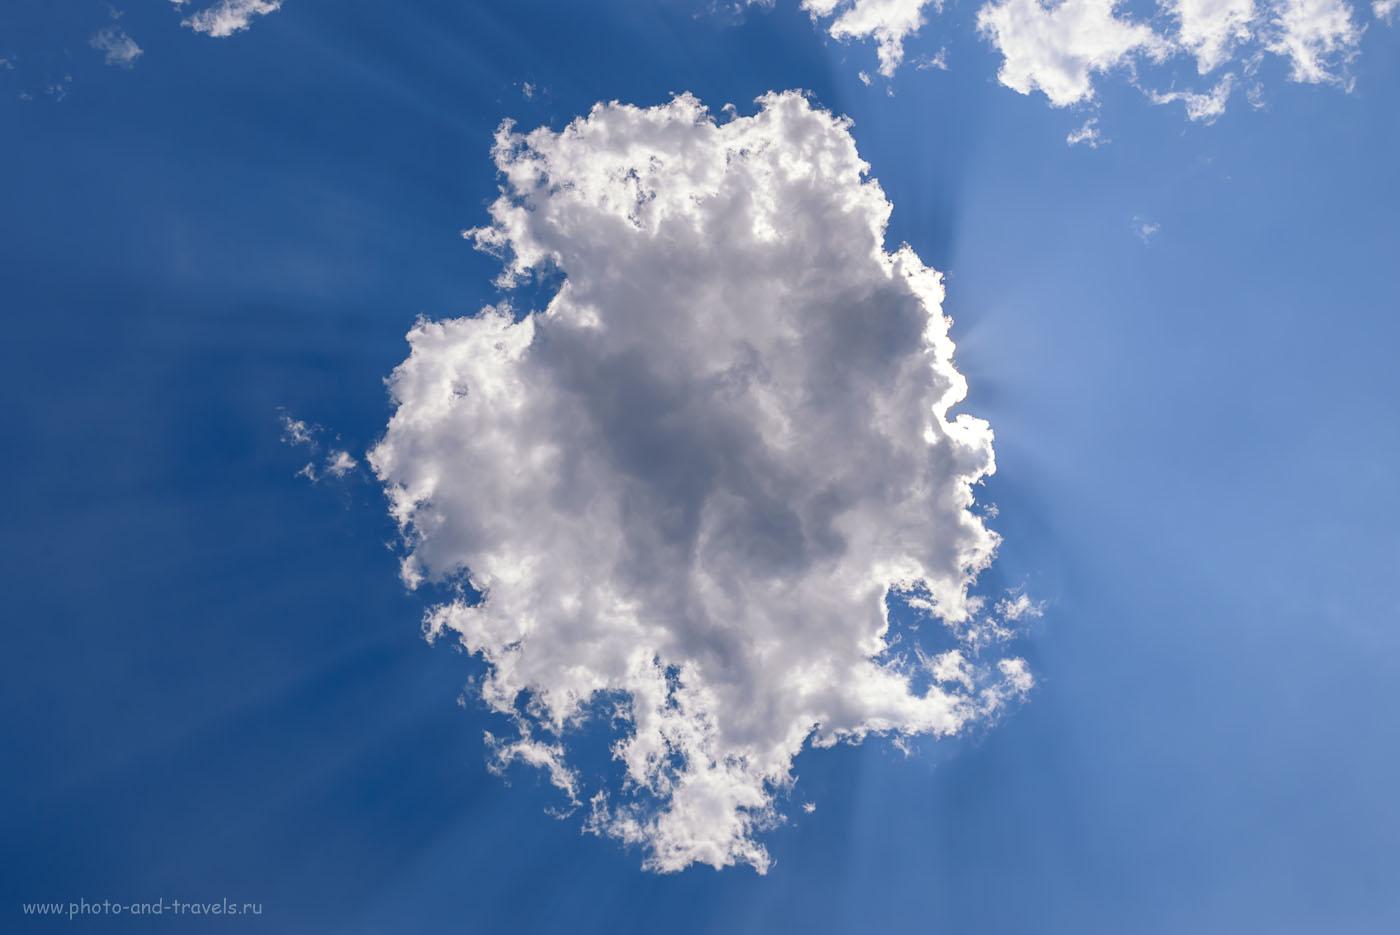 Фото 6. Когда фотографу надоедает отдыхать на пляже в Анталии, он начинает снимать облака. Отчеты туристов о поездке в Турцию в отпуск. 1/800, +0.33, 8.0, 200, 26.